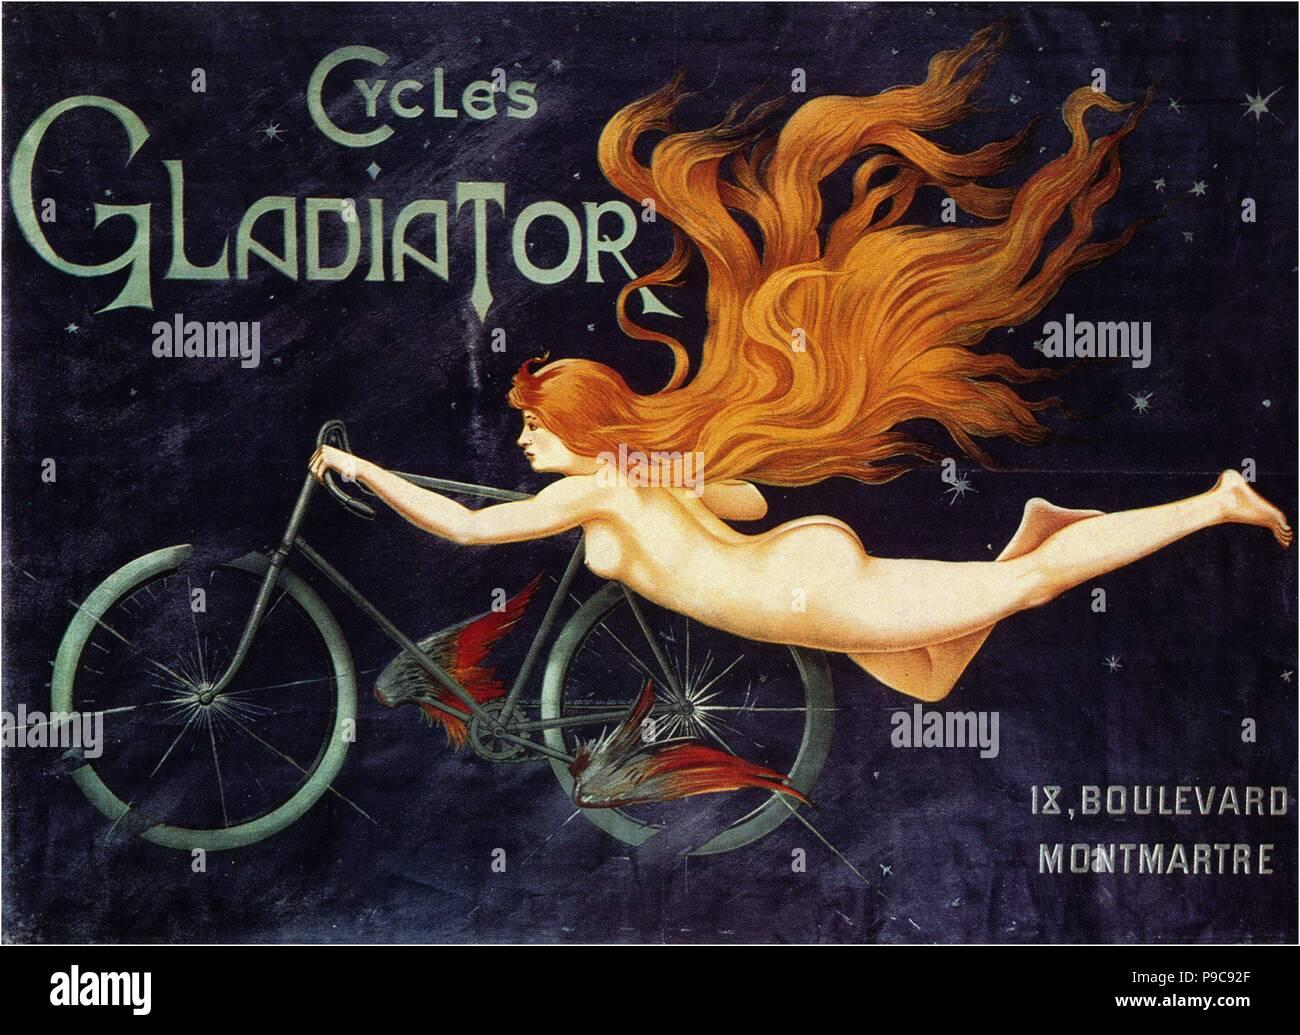 Gladiator private Gladiator (2000